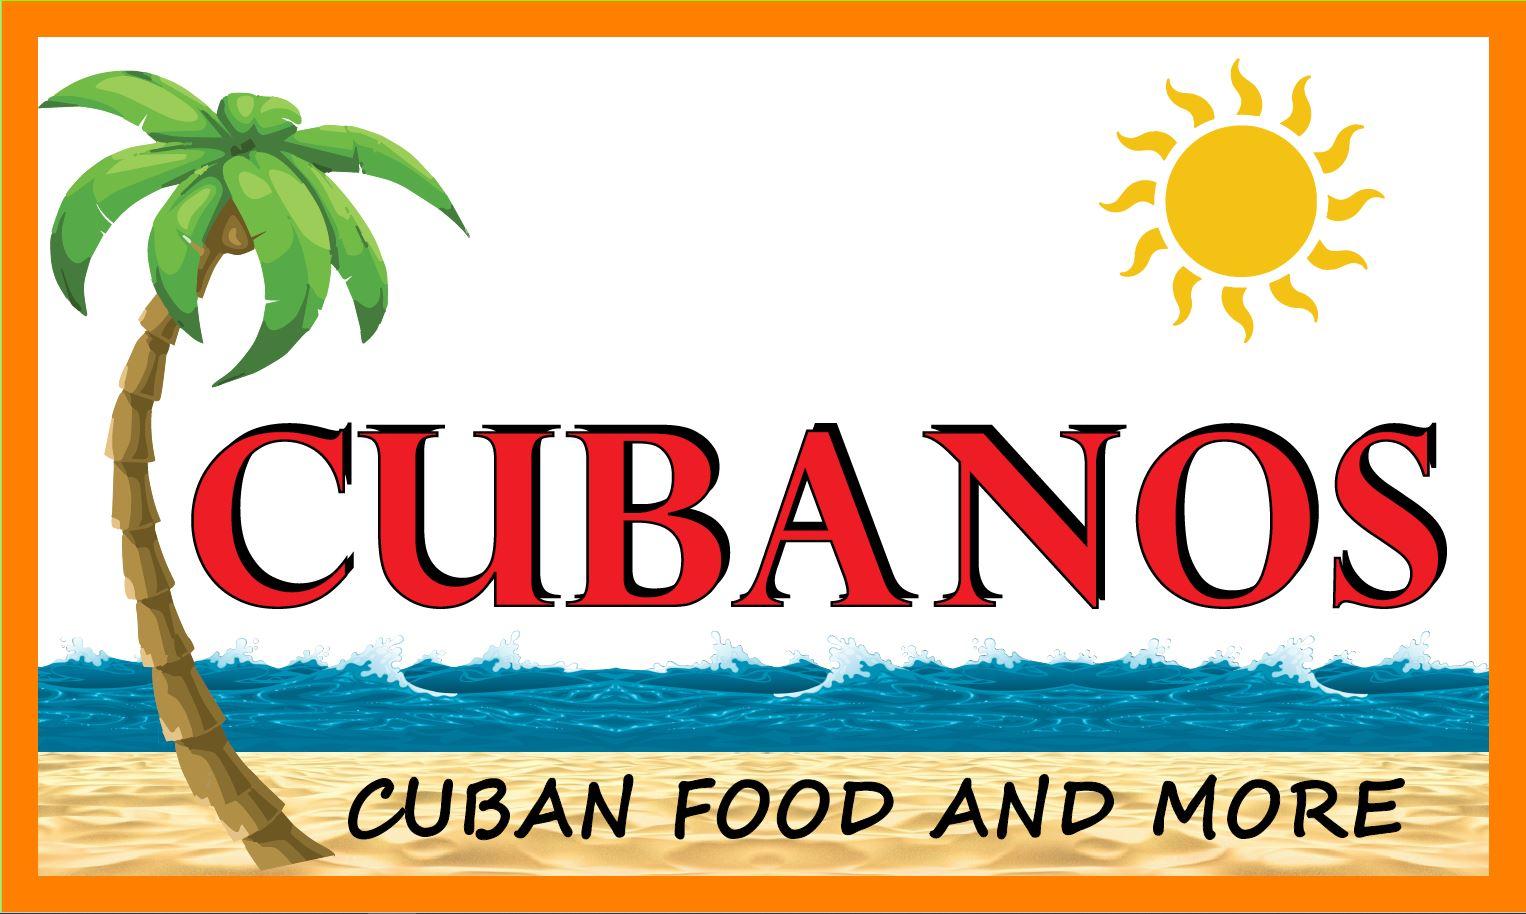 Cubano's Cuban Cuisine